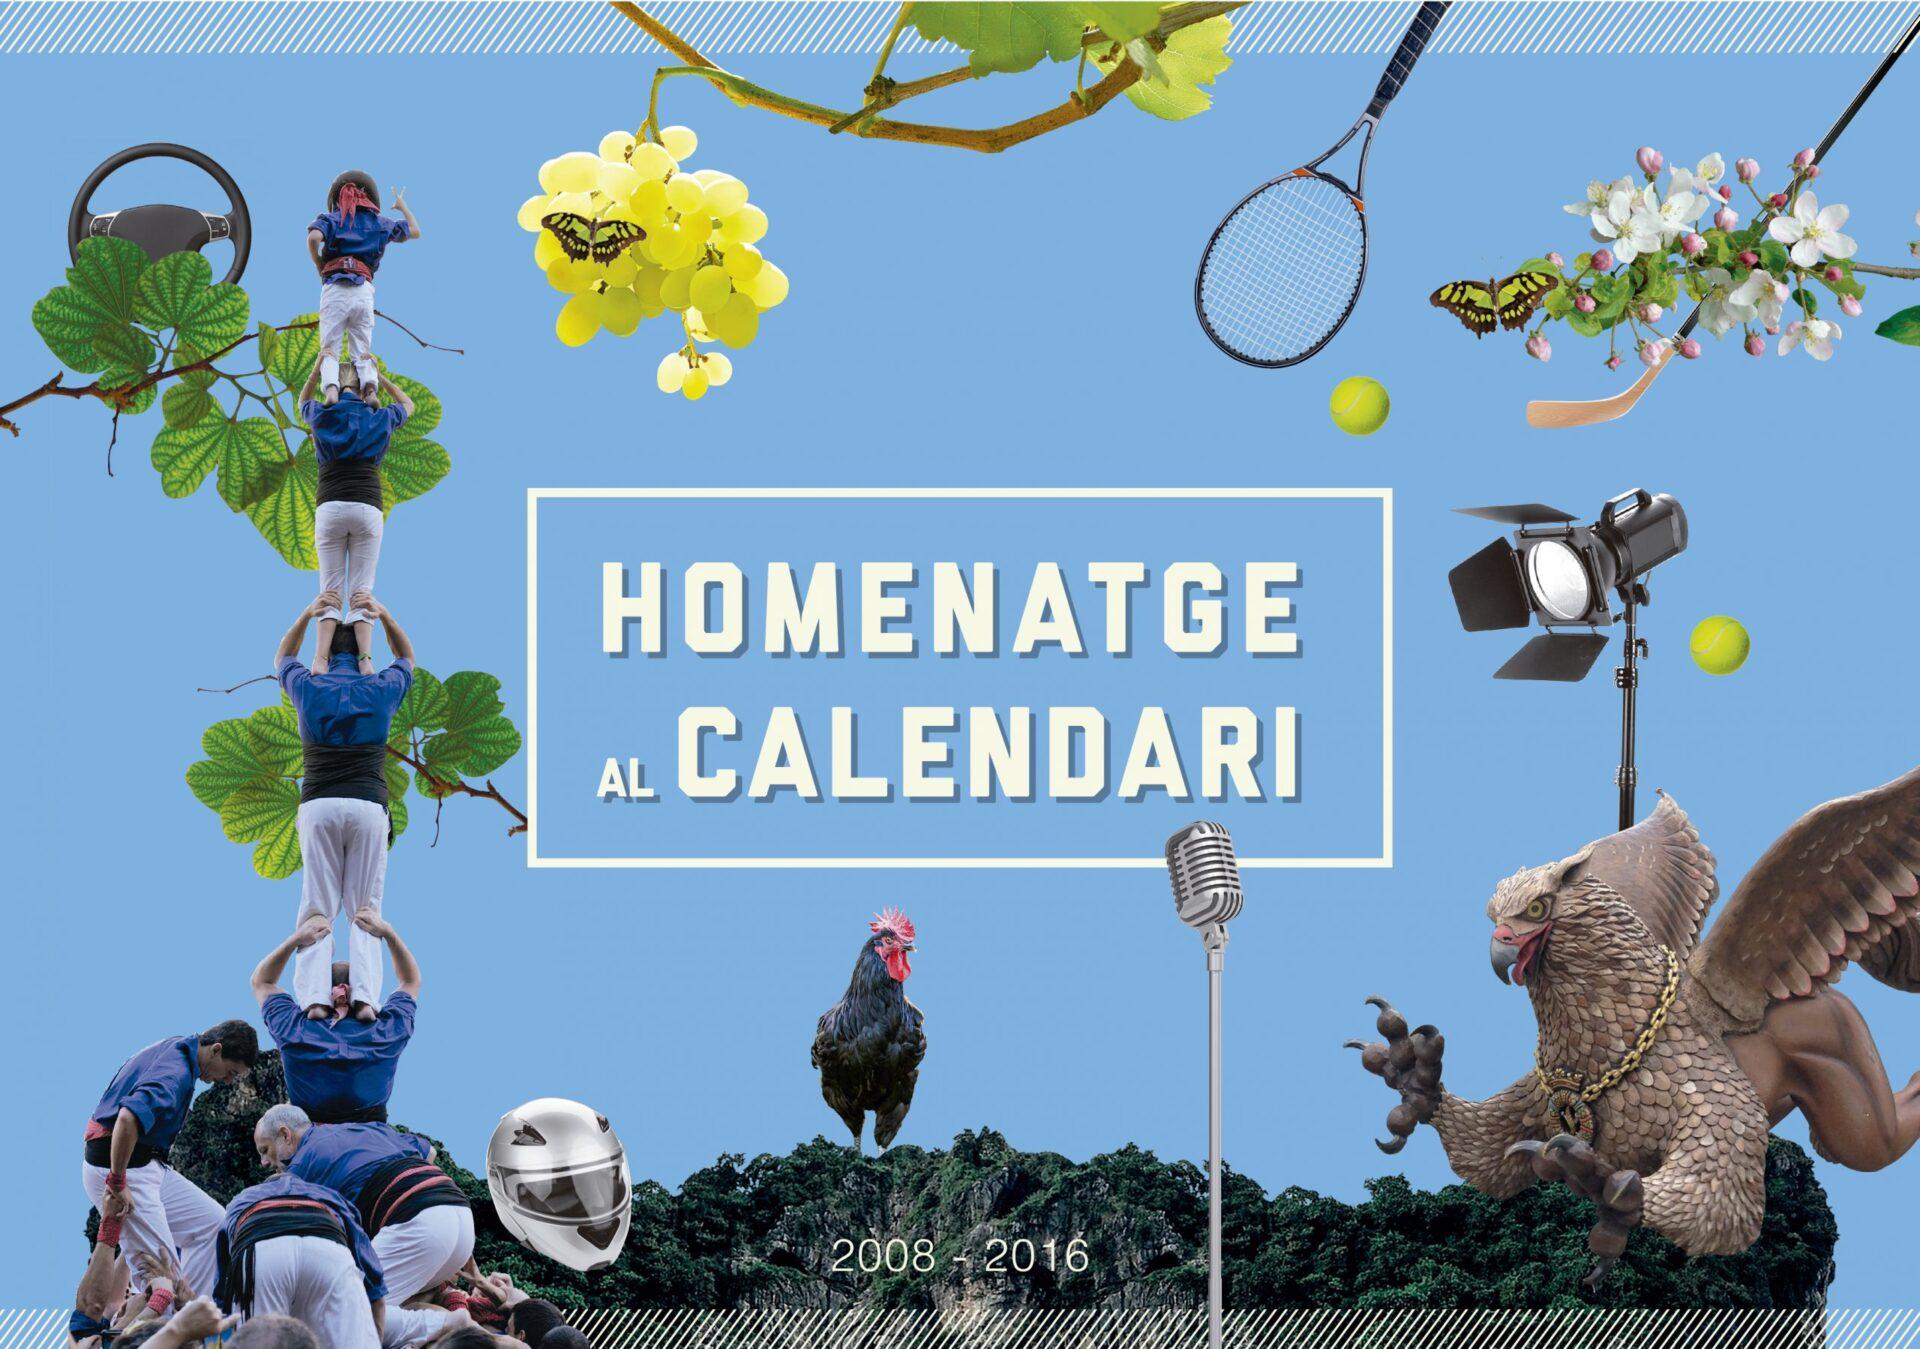 Un homenatge al calendari